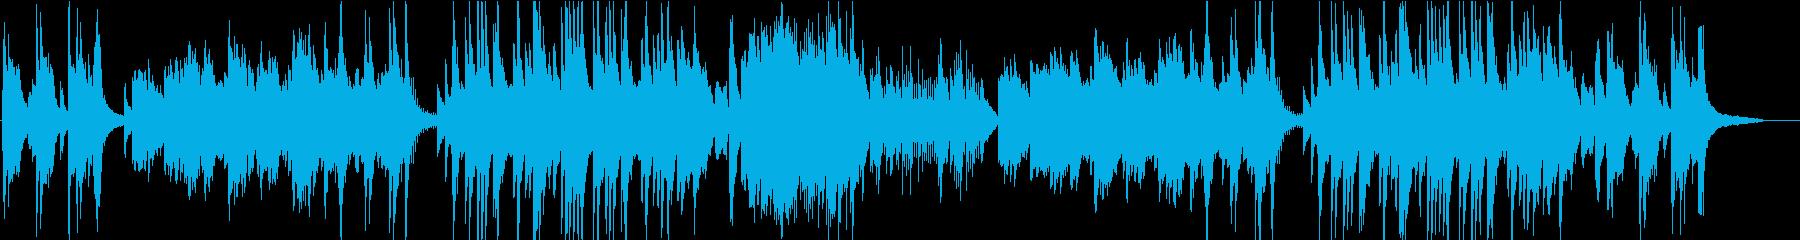 温泉をイメージしたピアノソロインストの再生済みの波形